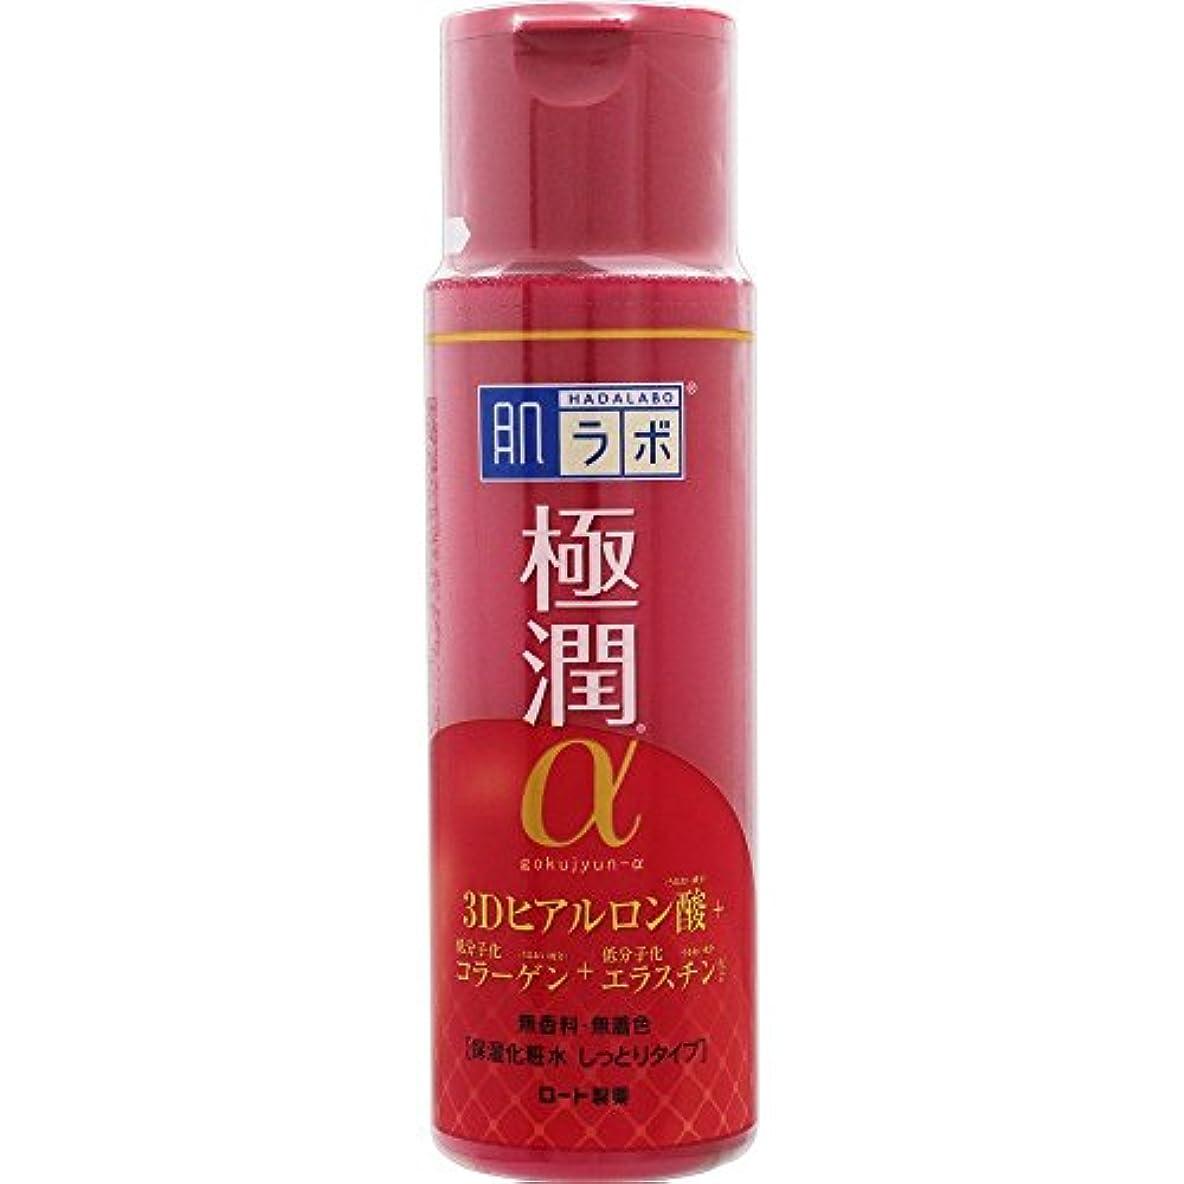 わかる添加無意識肌ラボ 極潤α ハリ化粧水しっとりタイプ 170mL